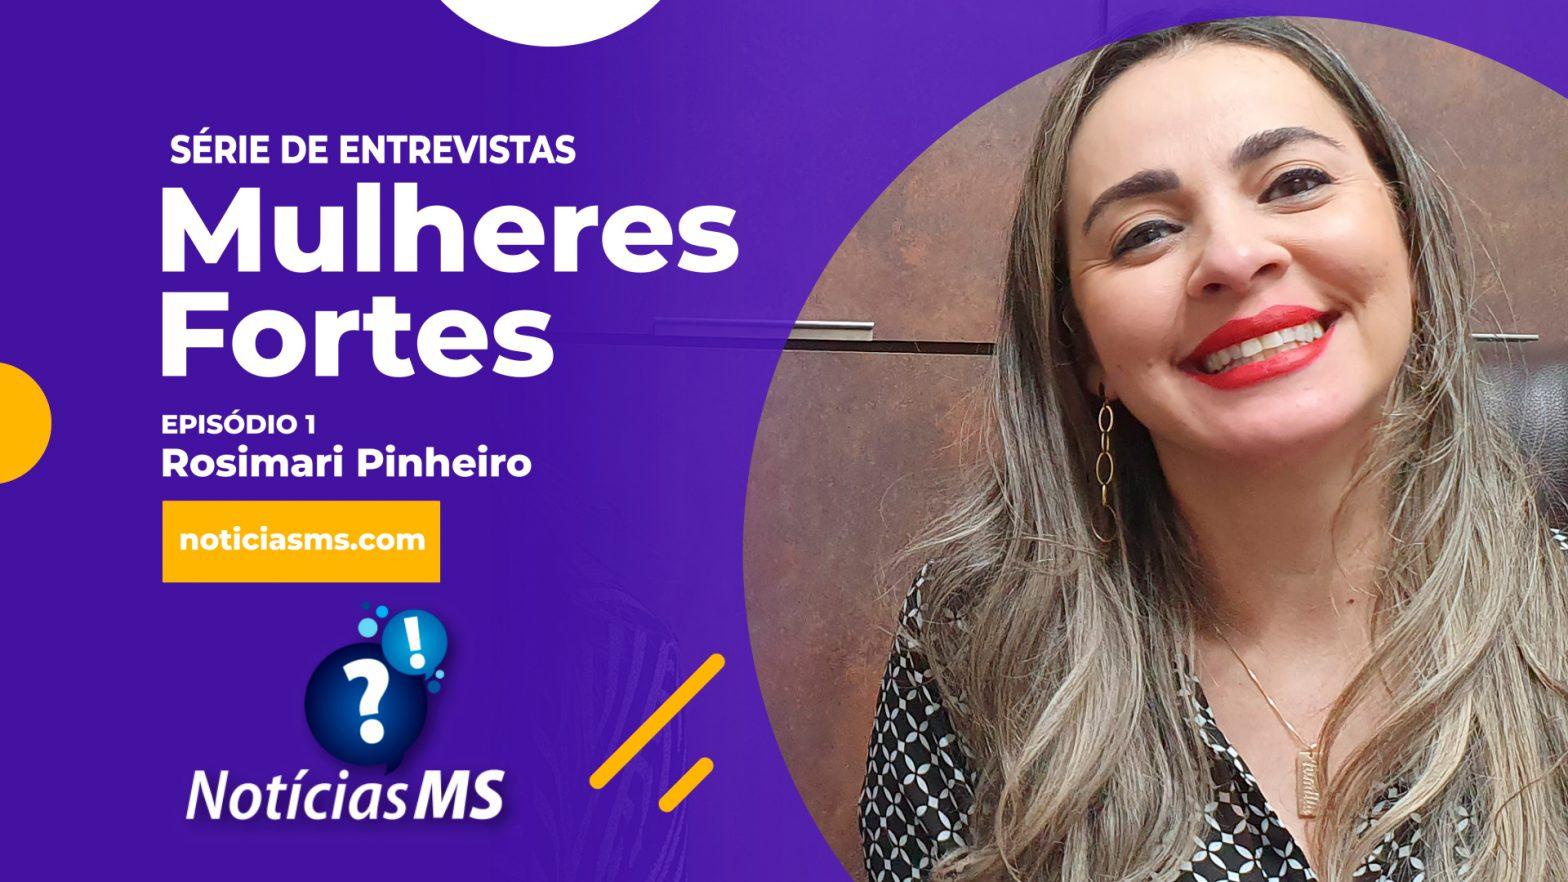 Mulheres Fortes: O Notícias Ms lança nova série que contará histórias de sucesso de empreendedoras de Maracaju.